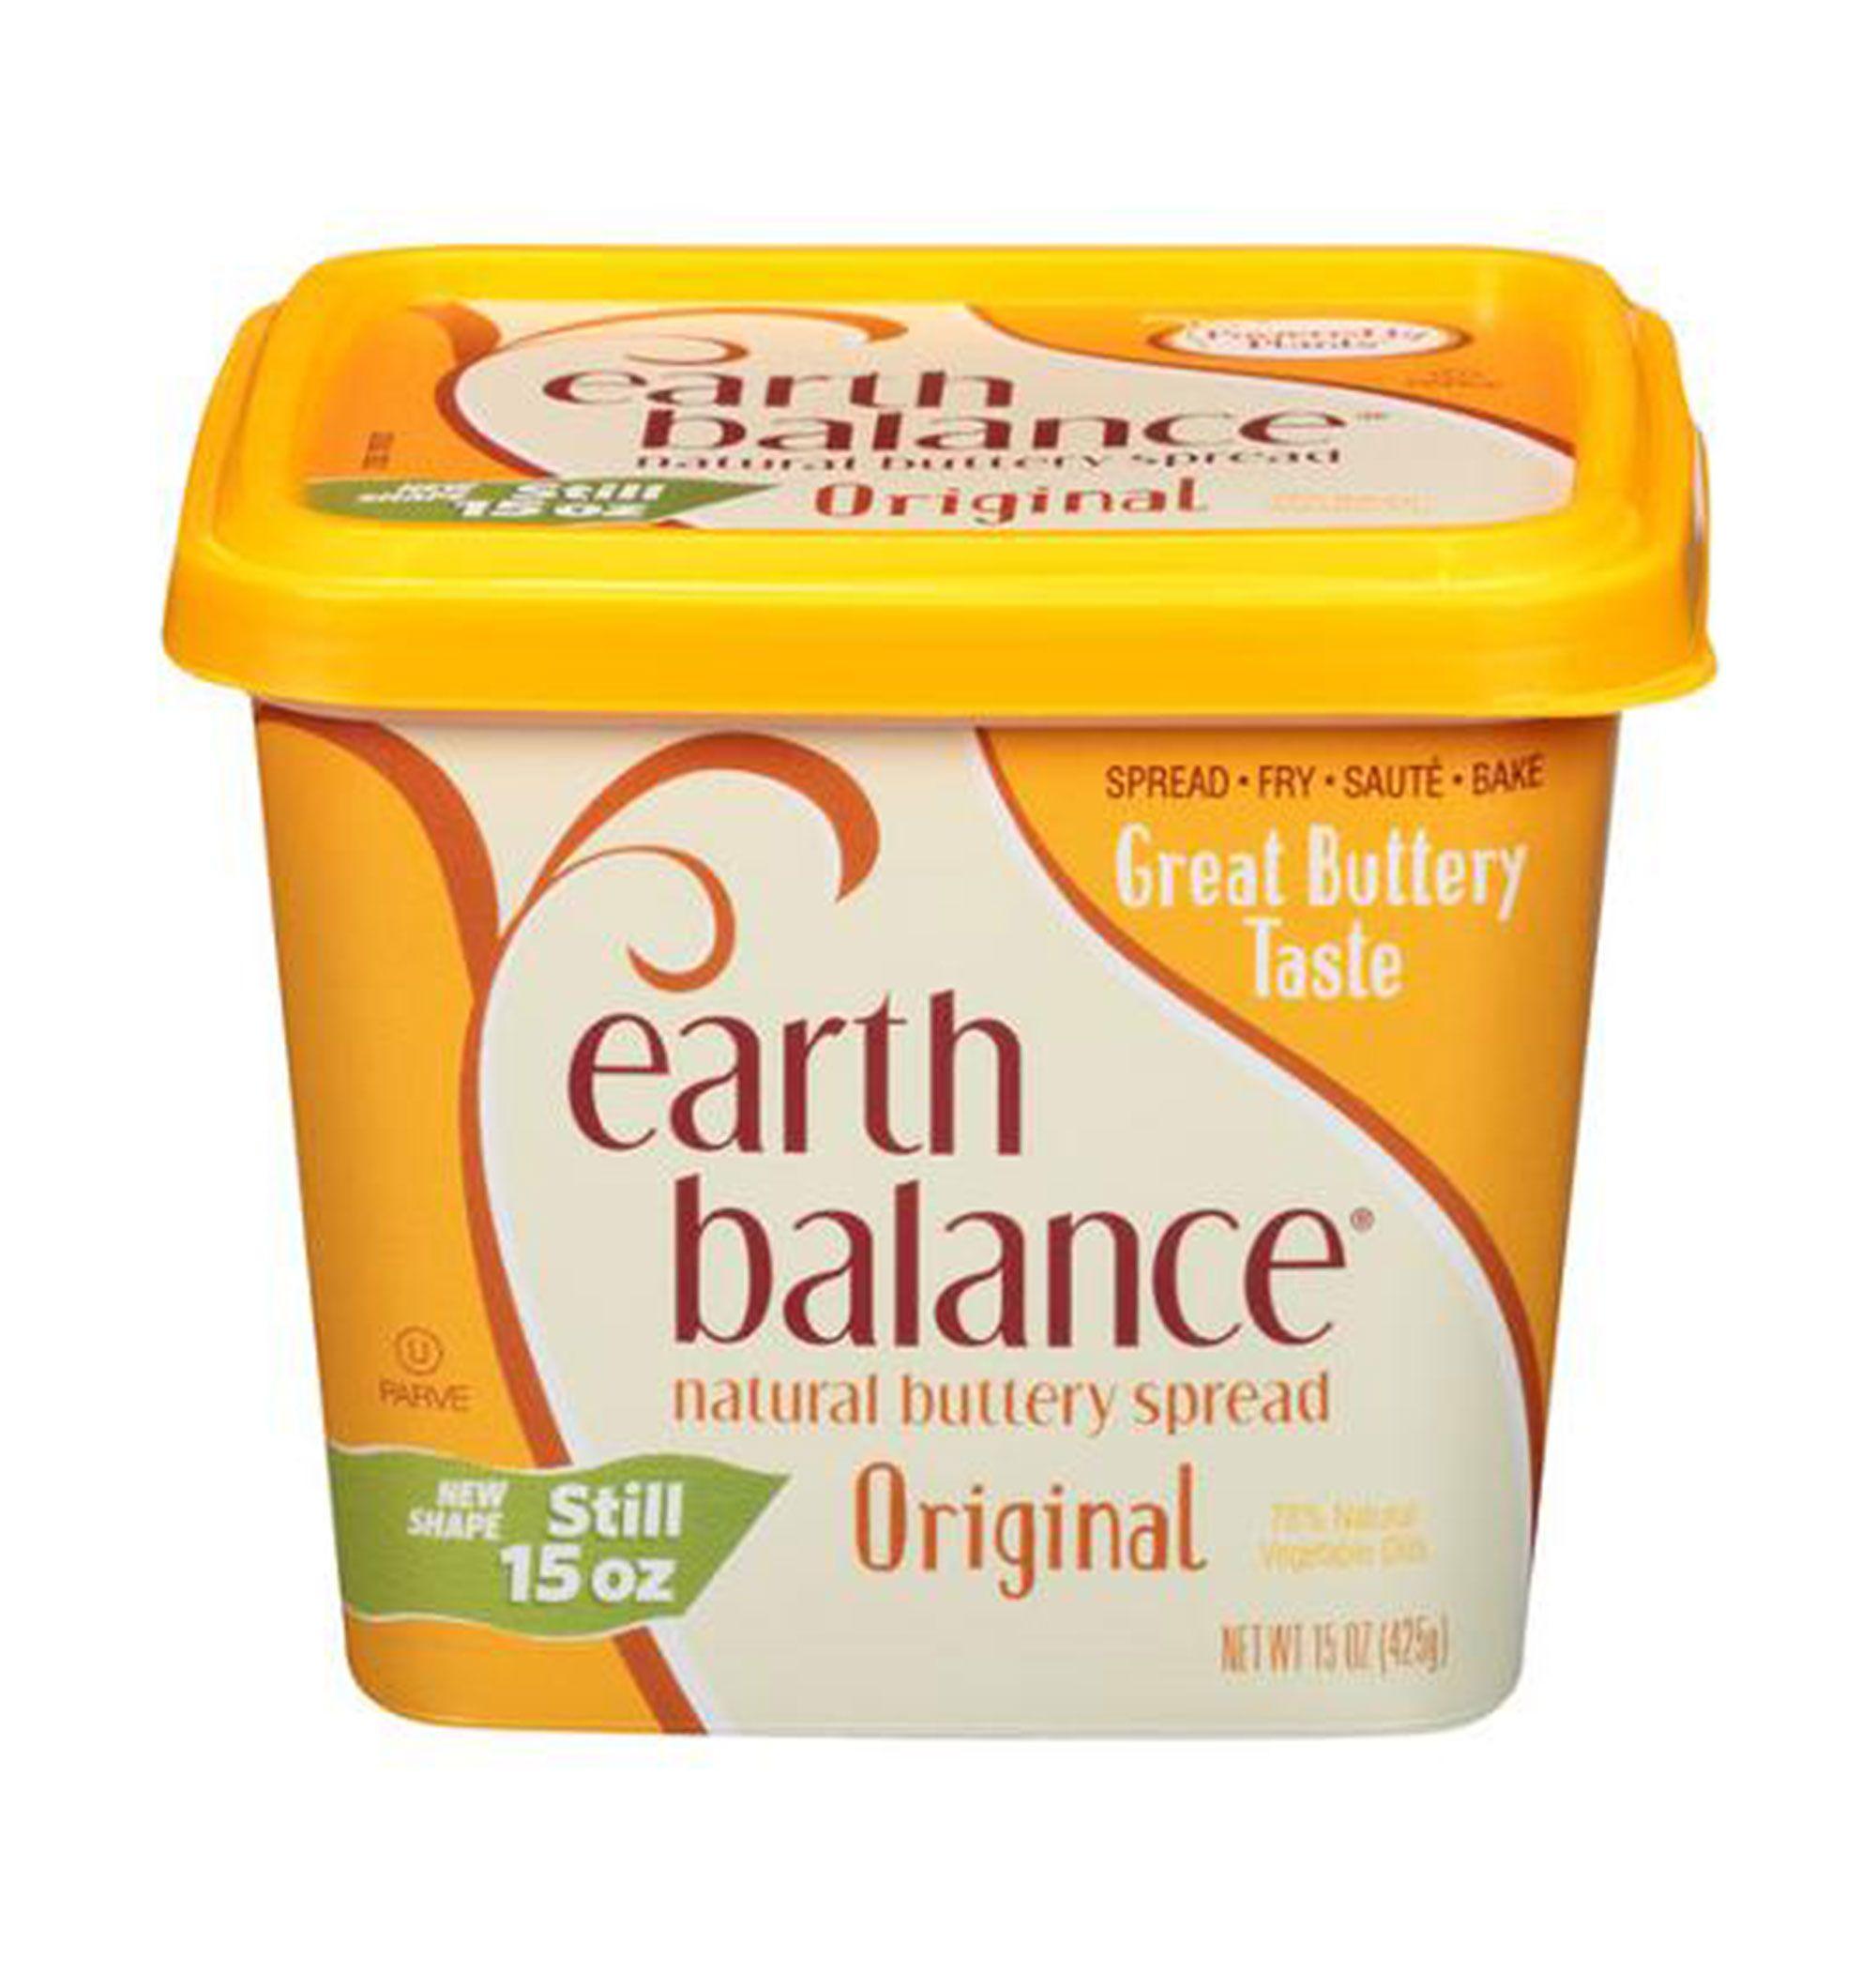 Kourtney Kardashian Shares Her Favorite Gluten and Dairy